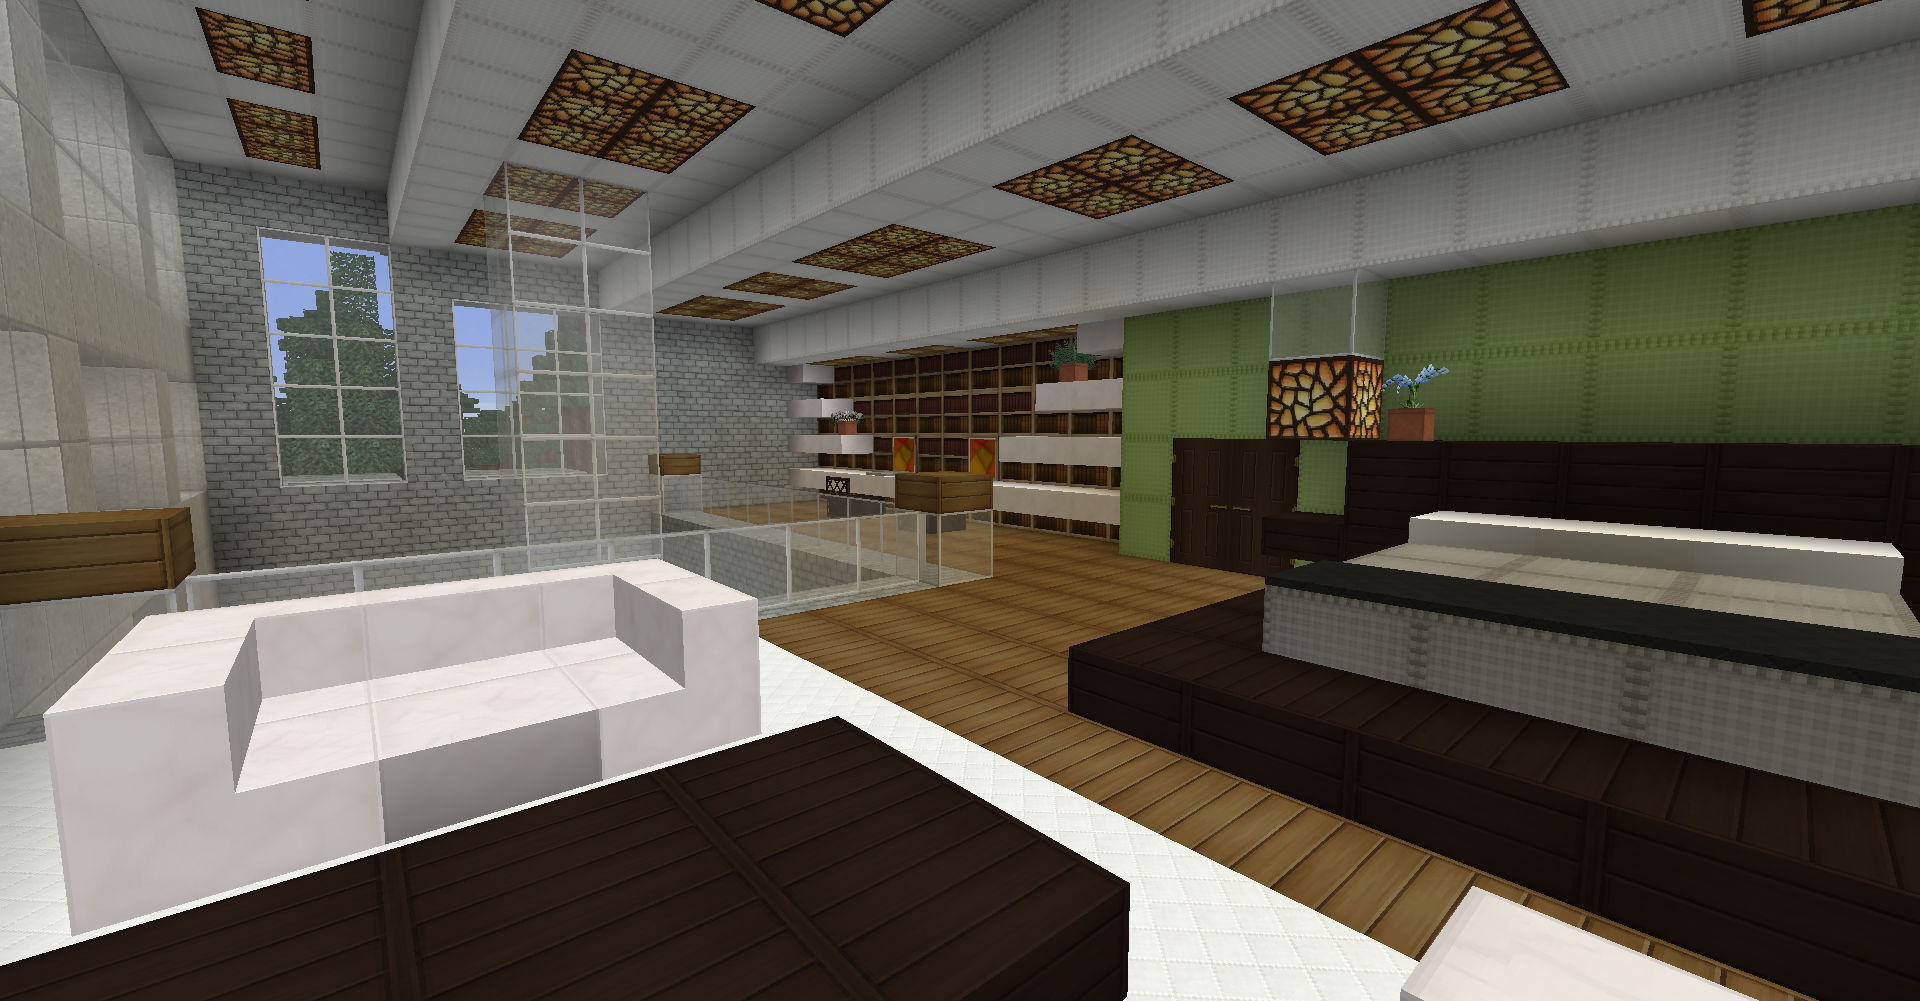 minecraft survival, mordern house, interior, loft master ...